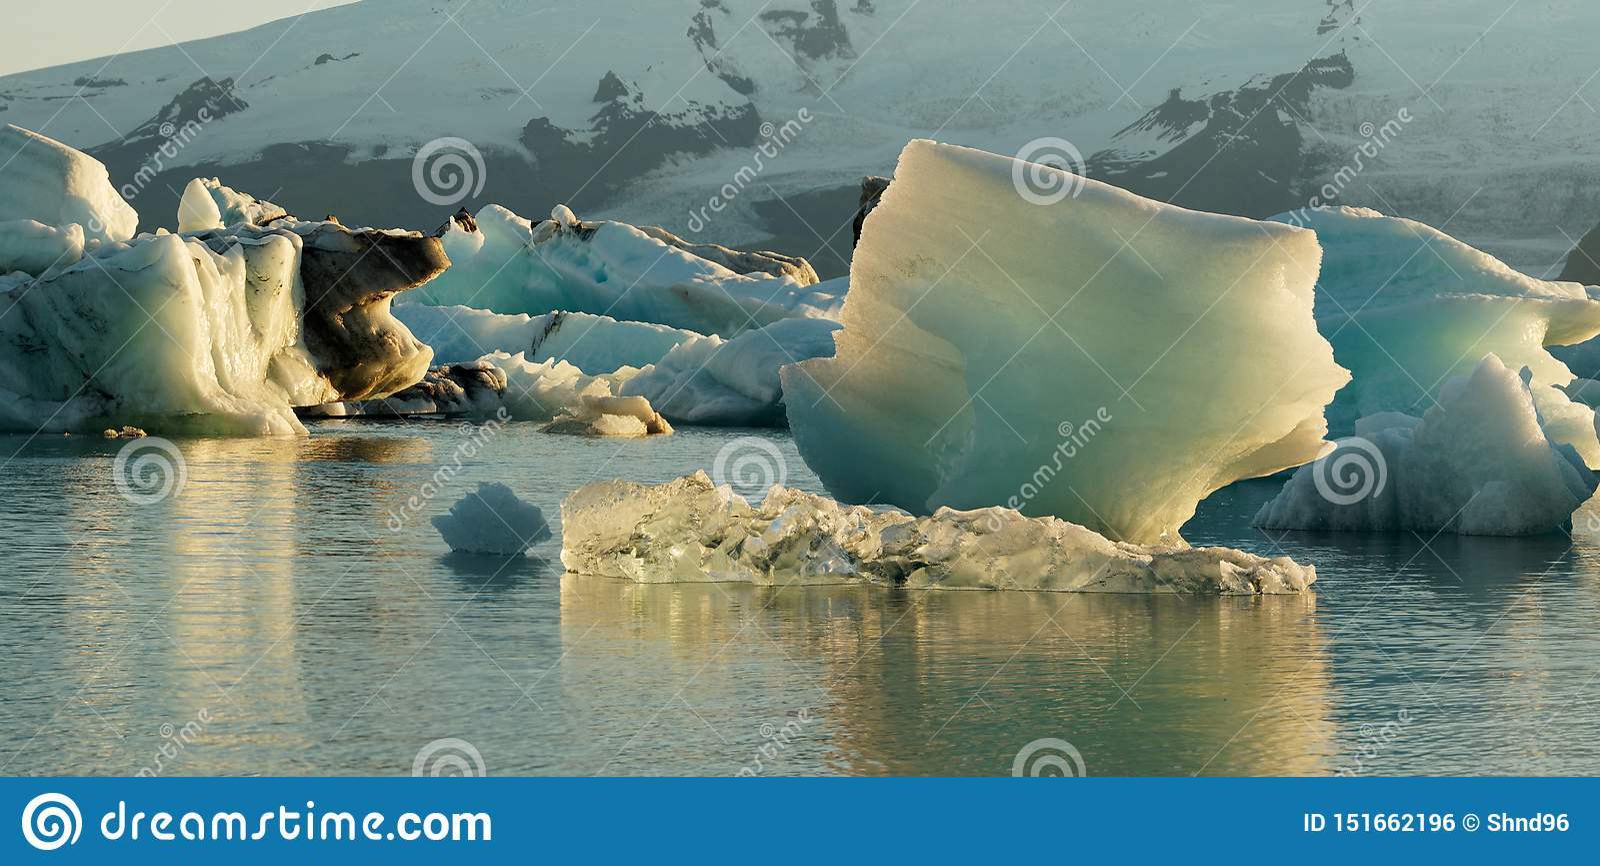 冰河湖冰山在冰川盐水湖